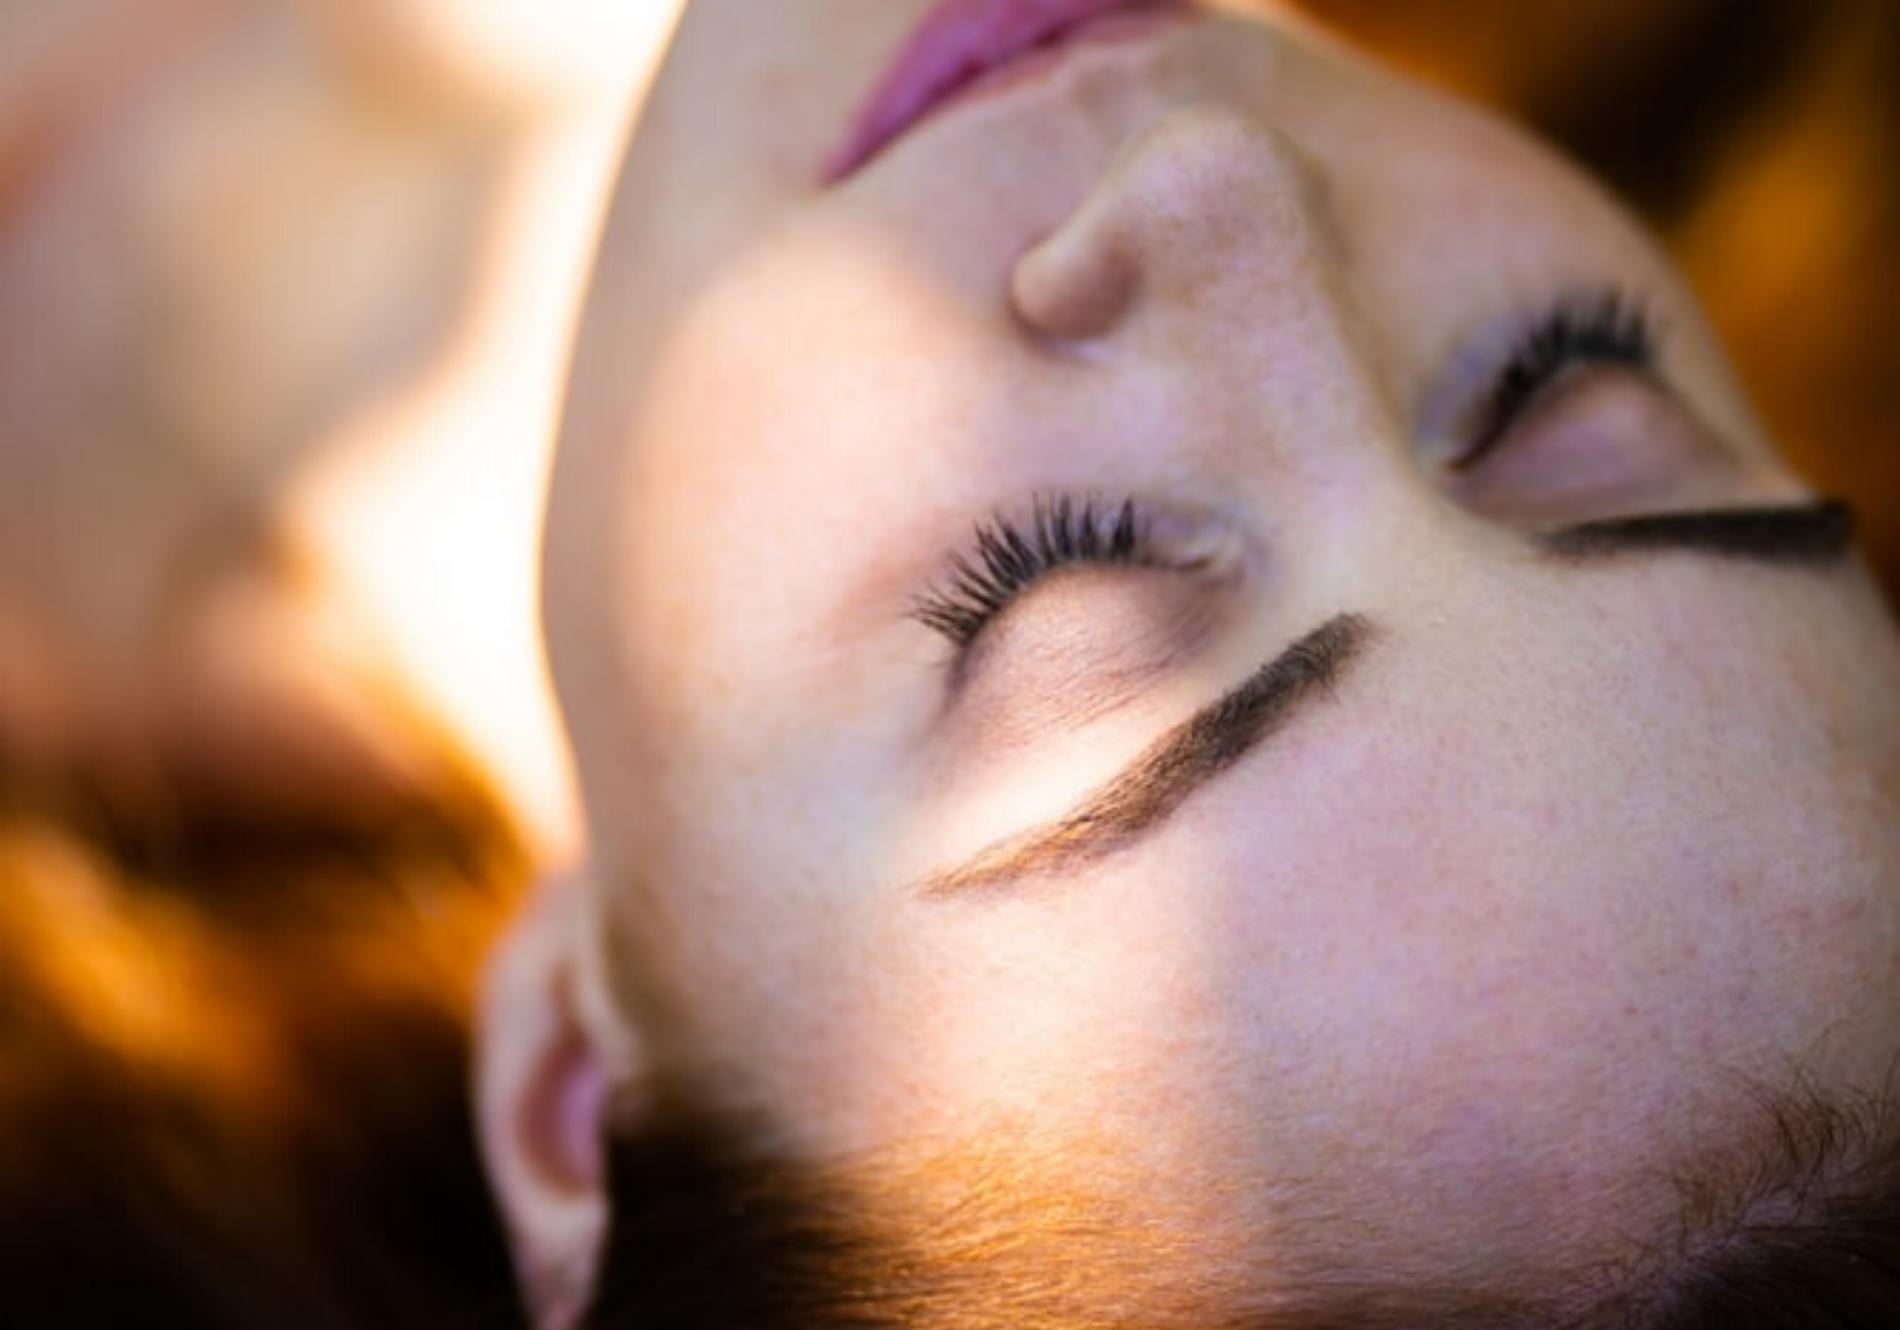 Mental clarity through meditation